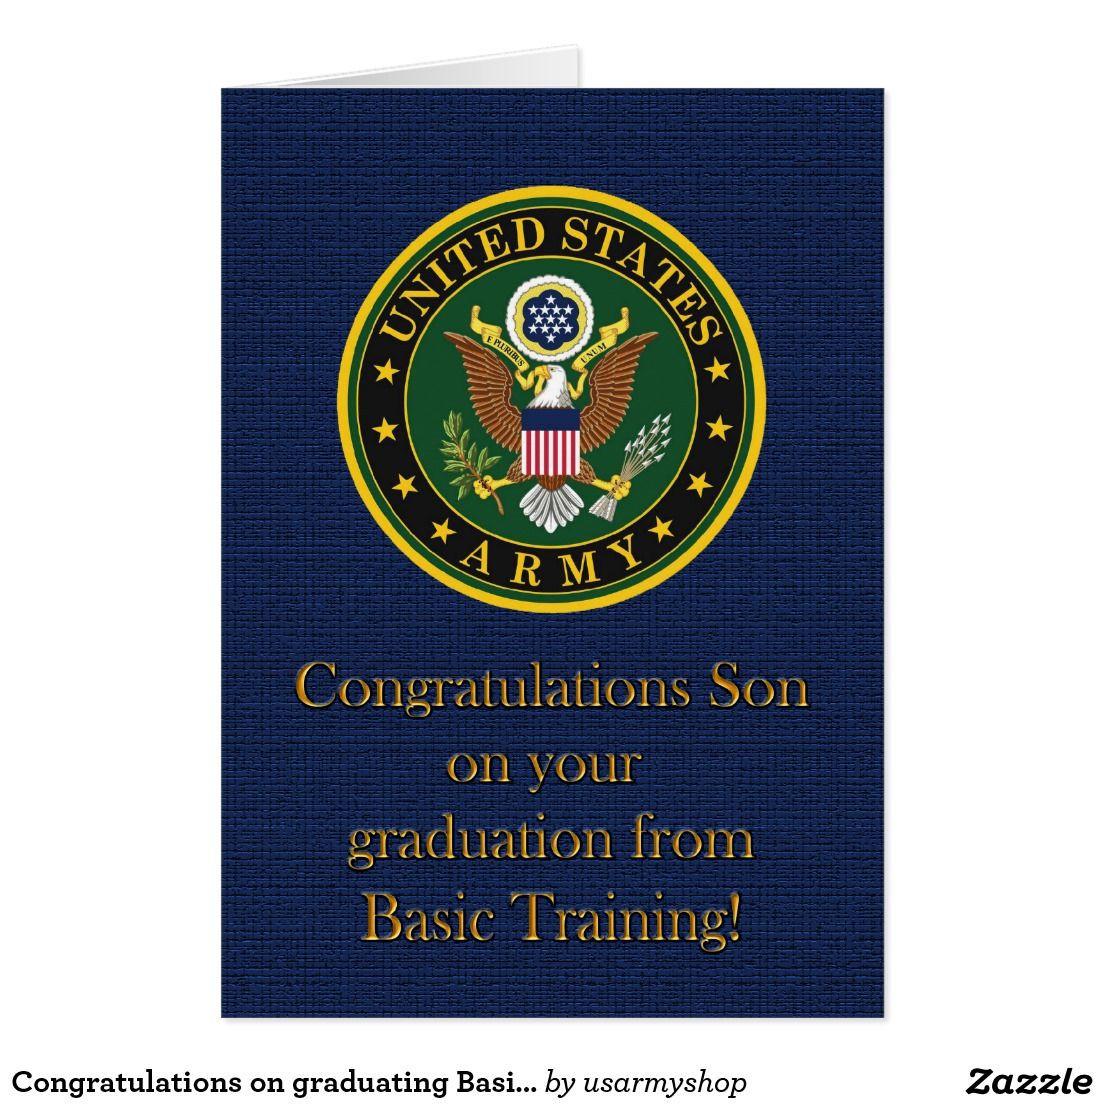 Basic Training Graduation Gift Ideas  Congratulations on graduating Basic Training Card